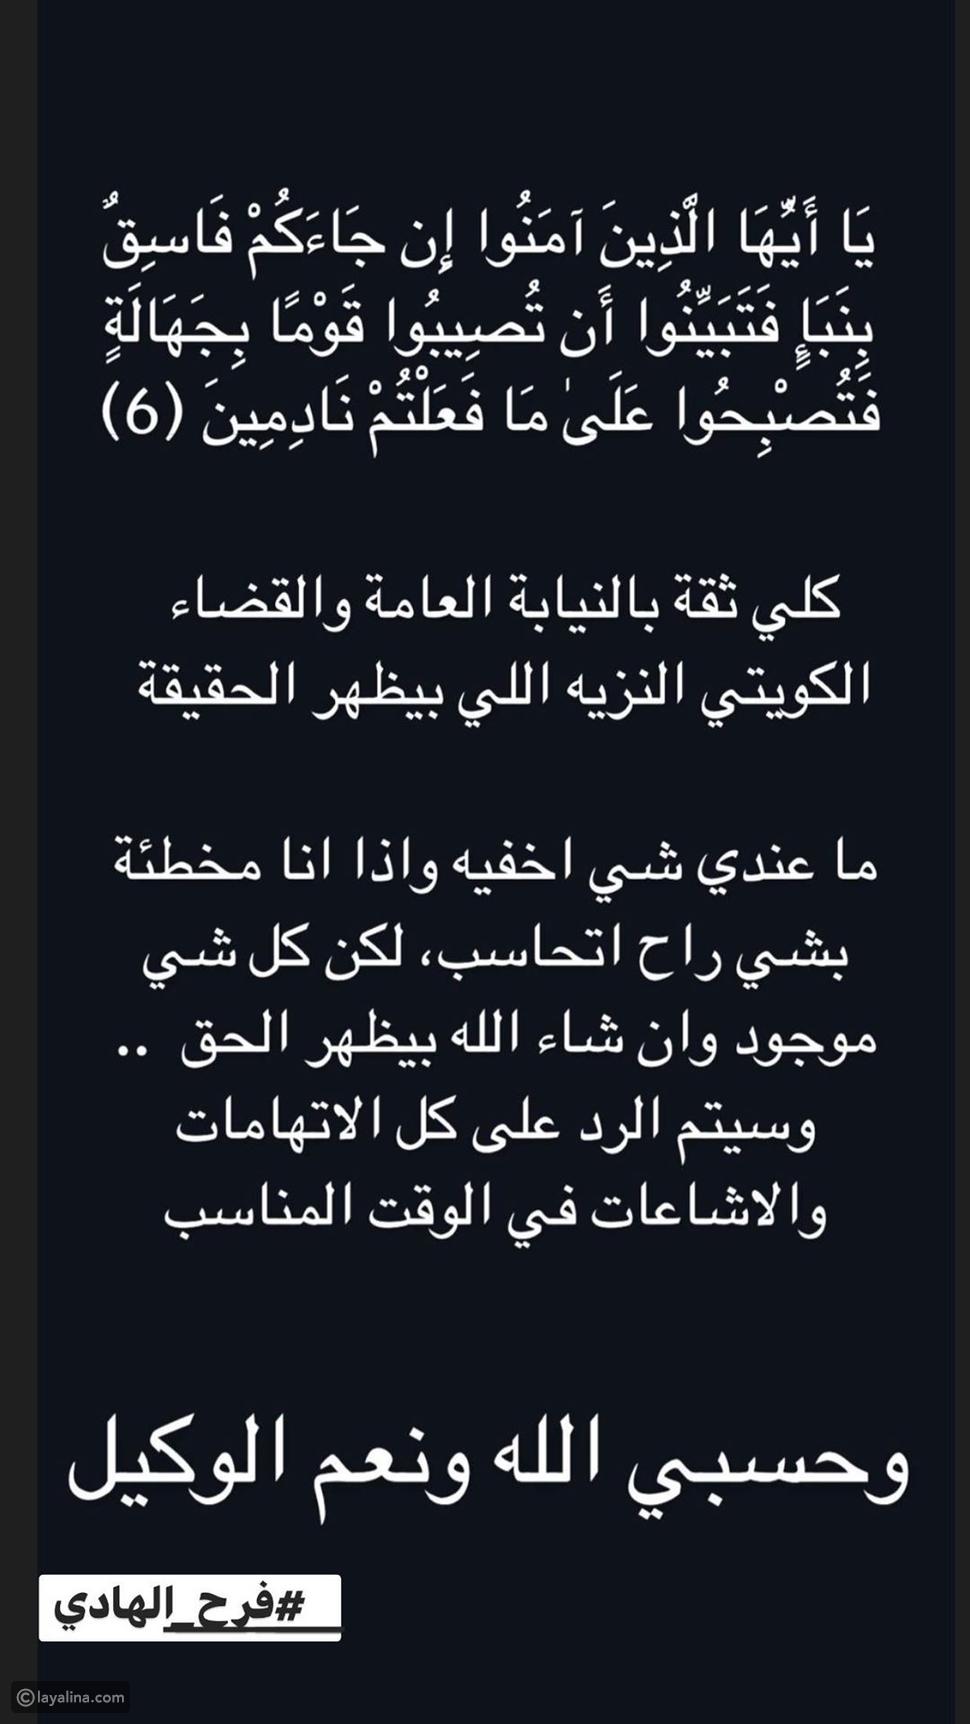 """نشرت الفنانة الكويتية تعليقاً لها عبر خاصية """"ستوري انستقرام"""""""